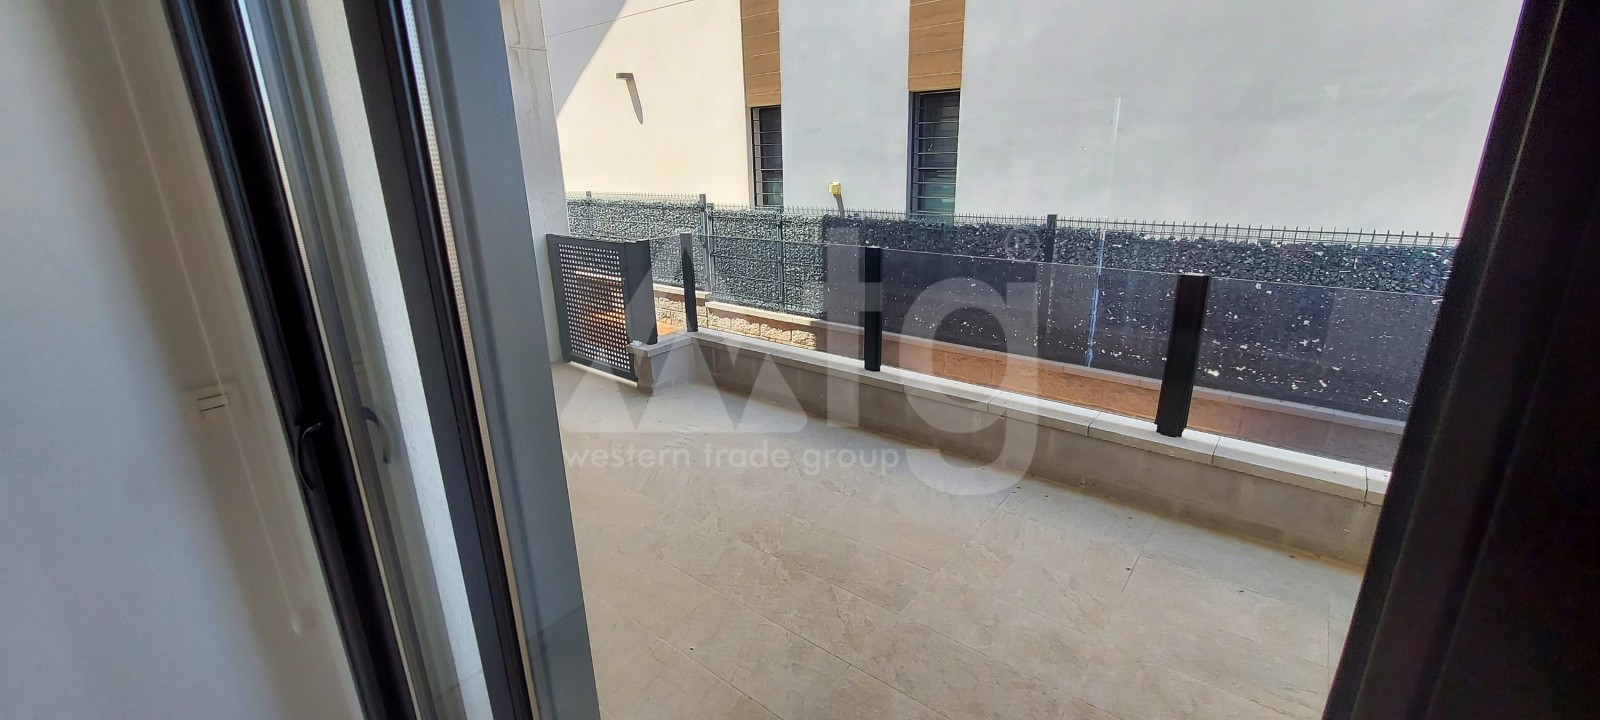 Apartament w Guardamar del Segura, 2 sypialnie  - DI6350 - 29